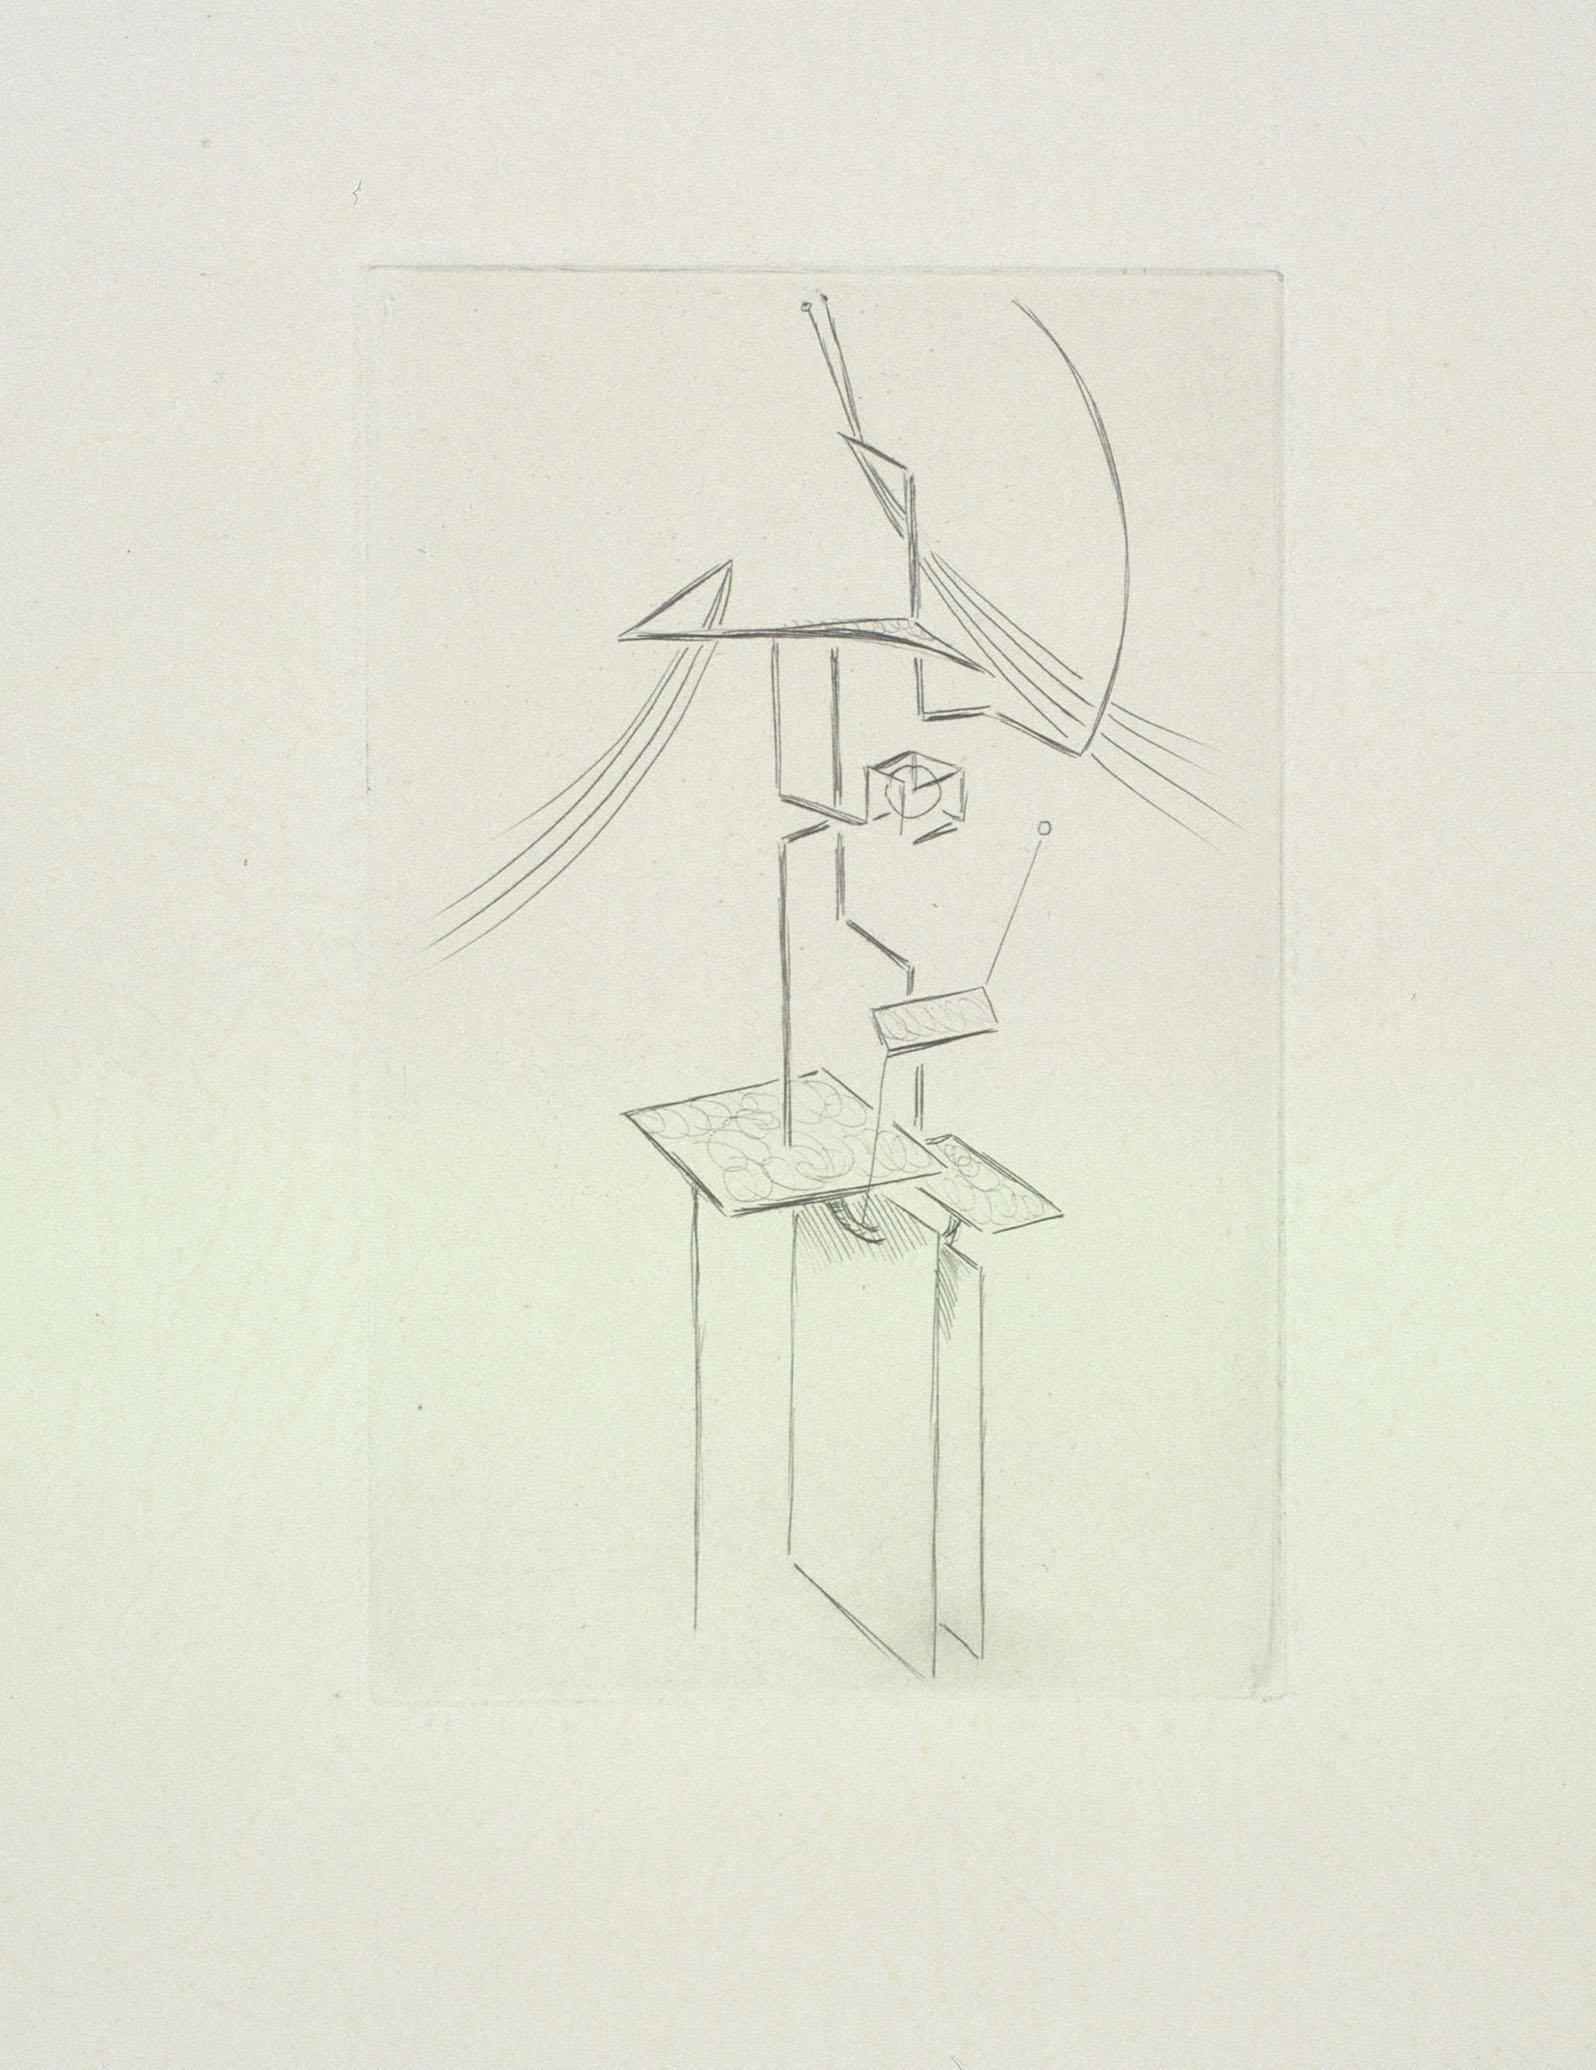 Juli González - Dona pentinant-se, núm. 1 (Femme se coiffant, no. 1) - 1935